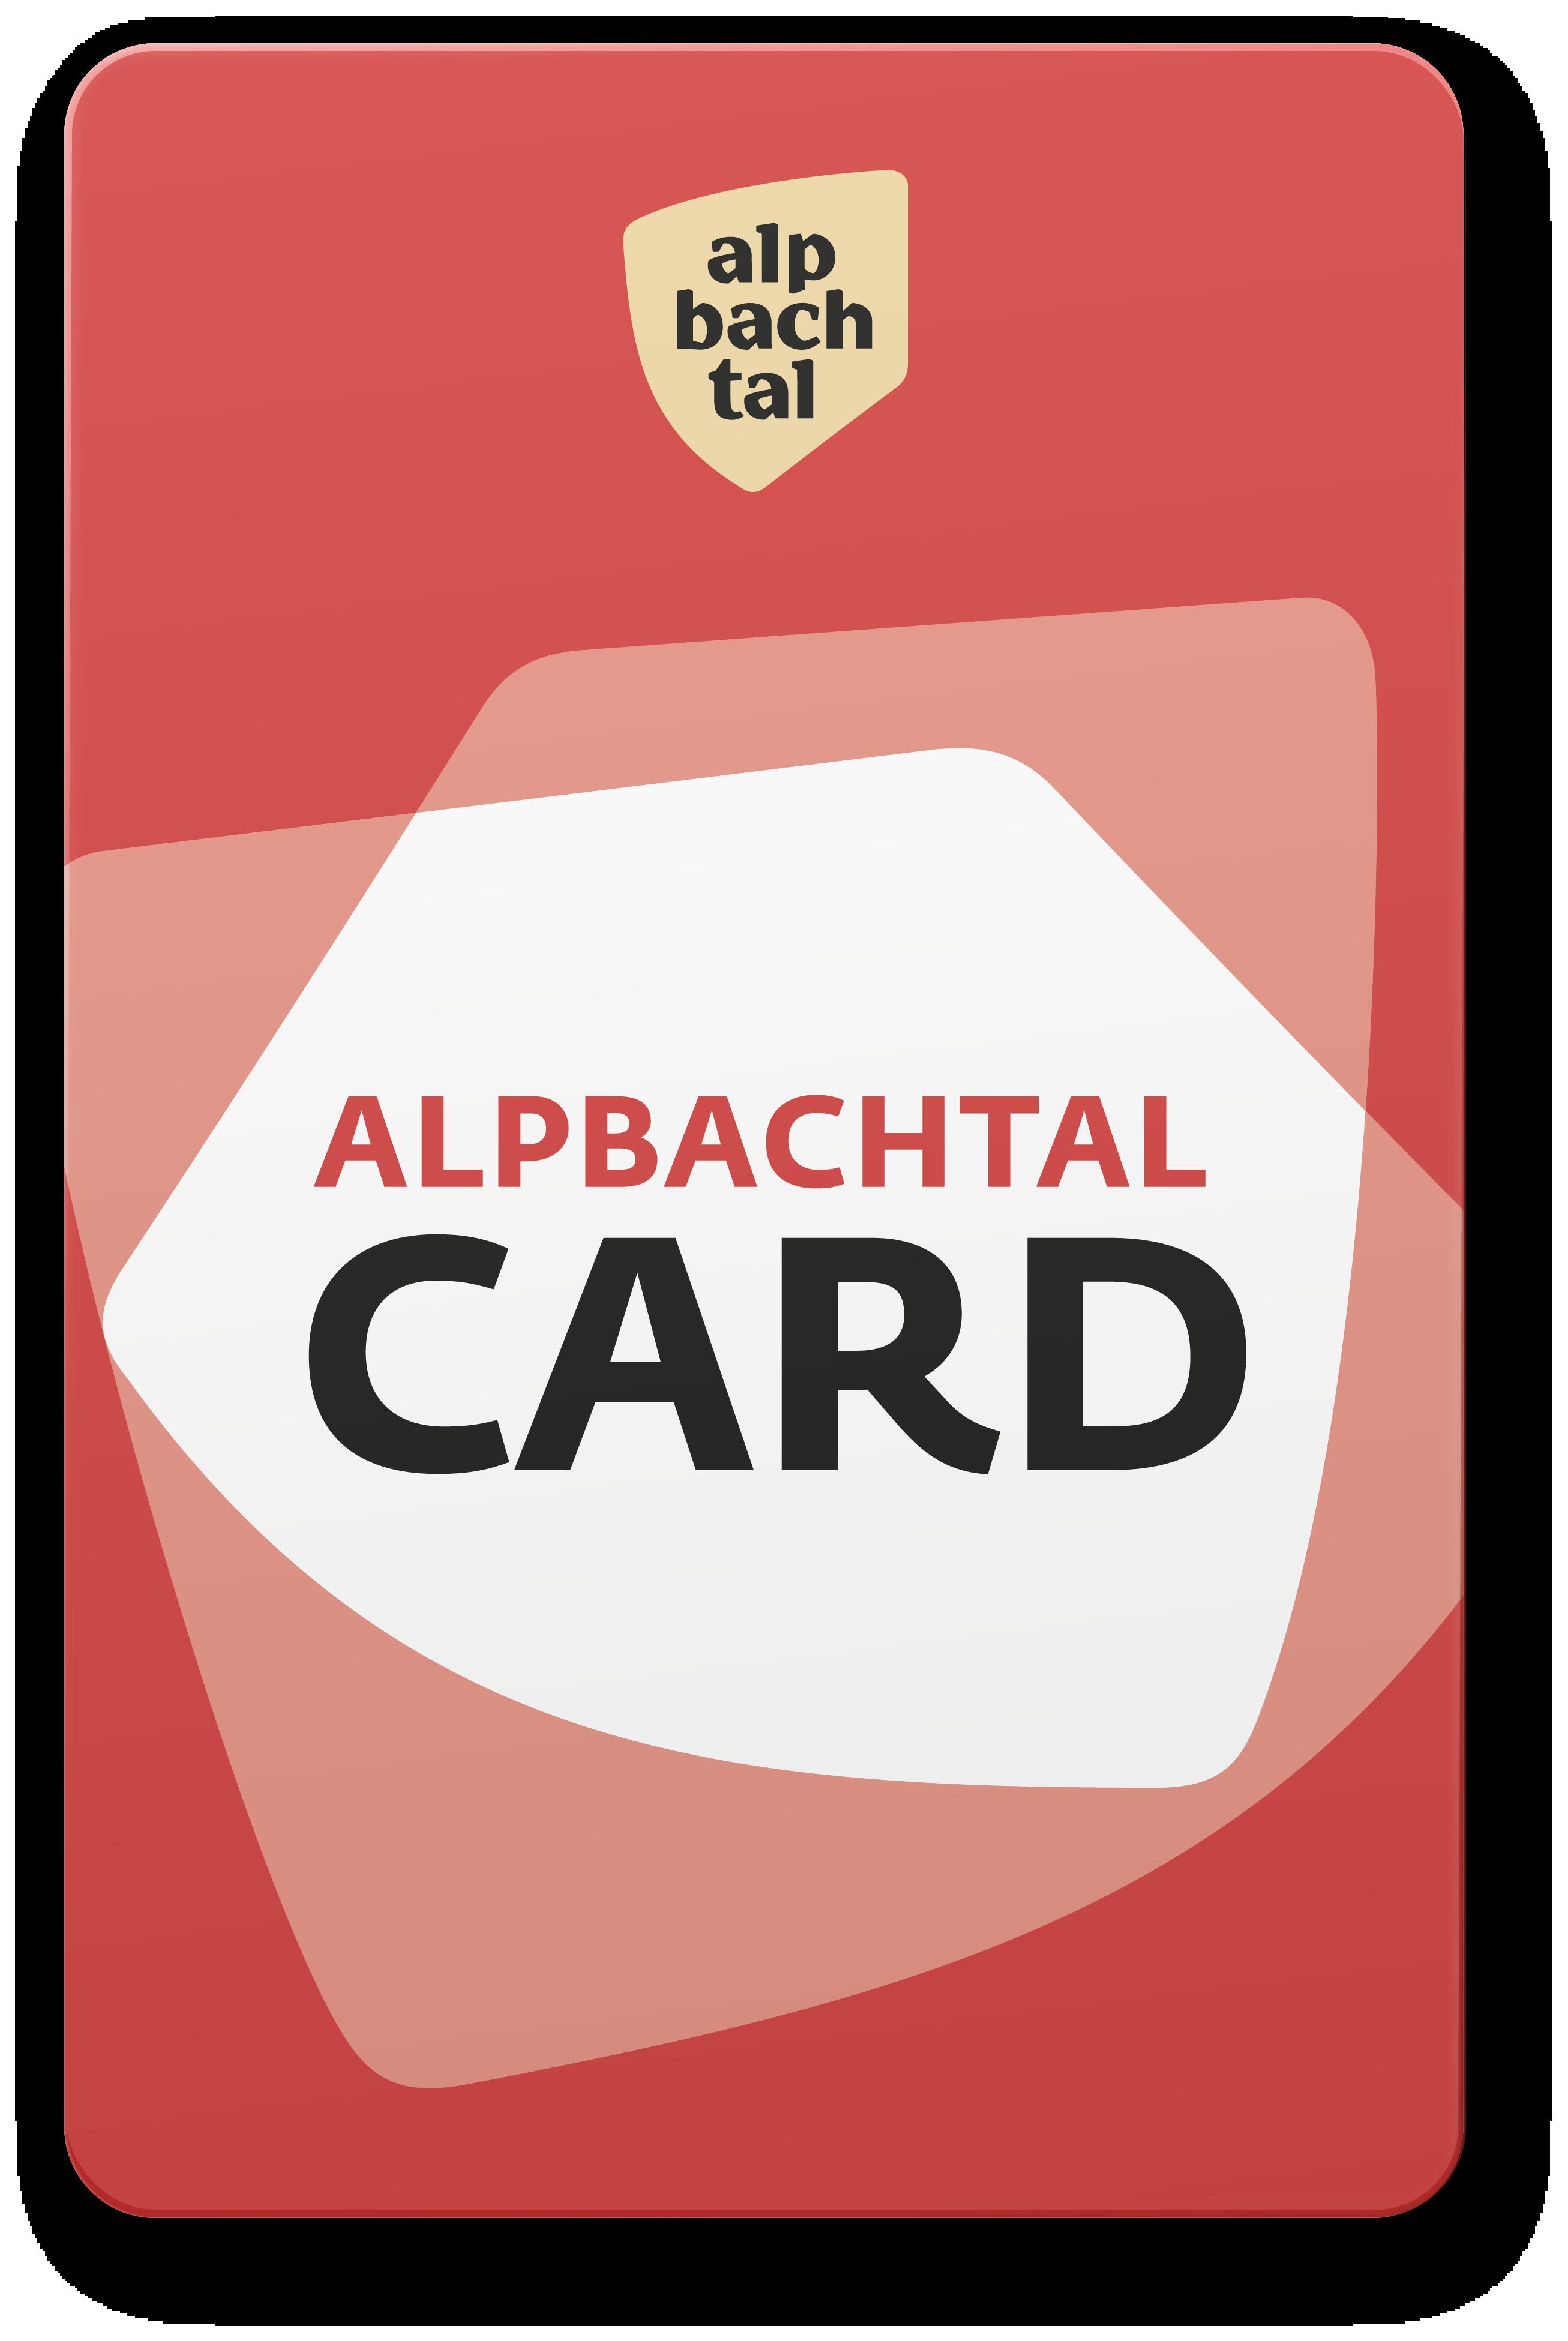 Alpbachtal Card